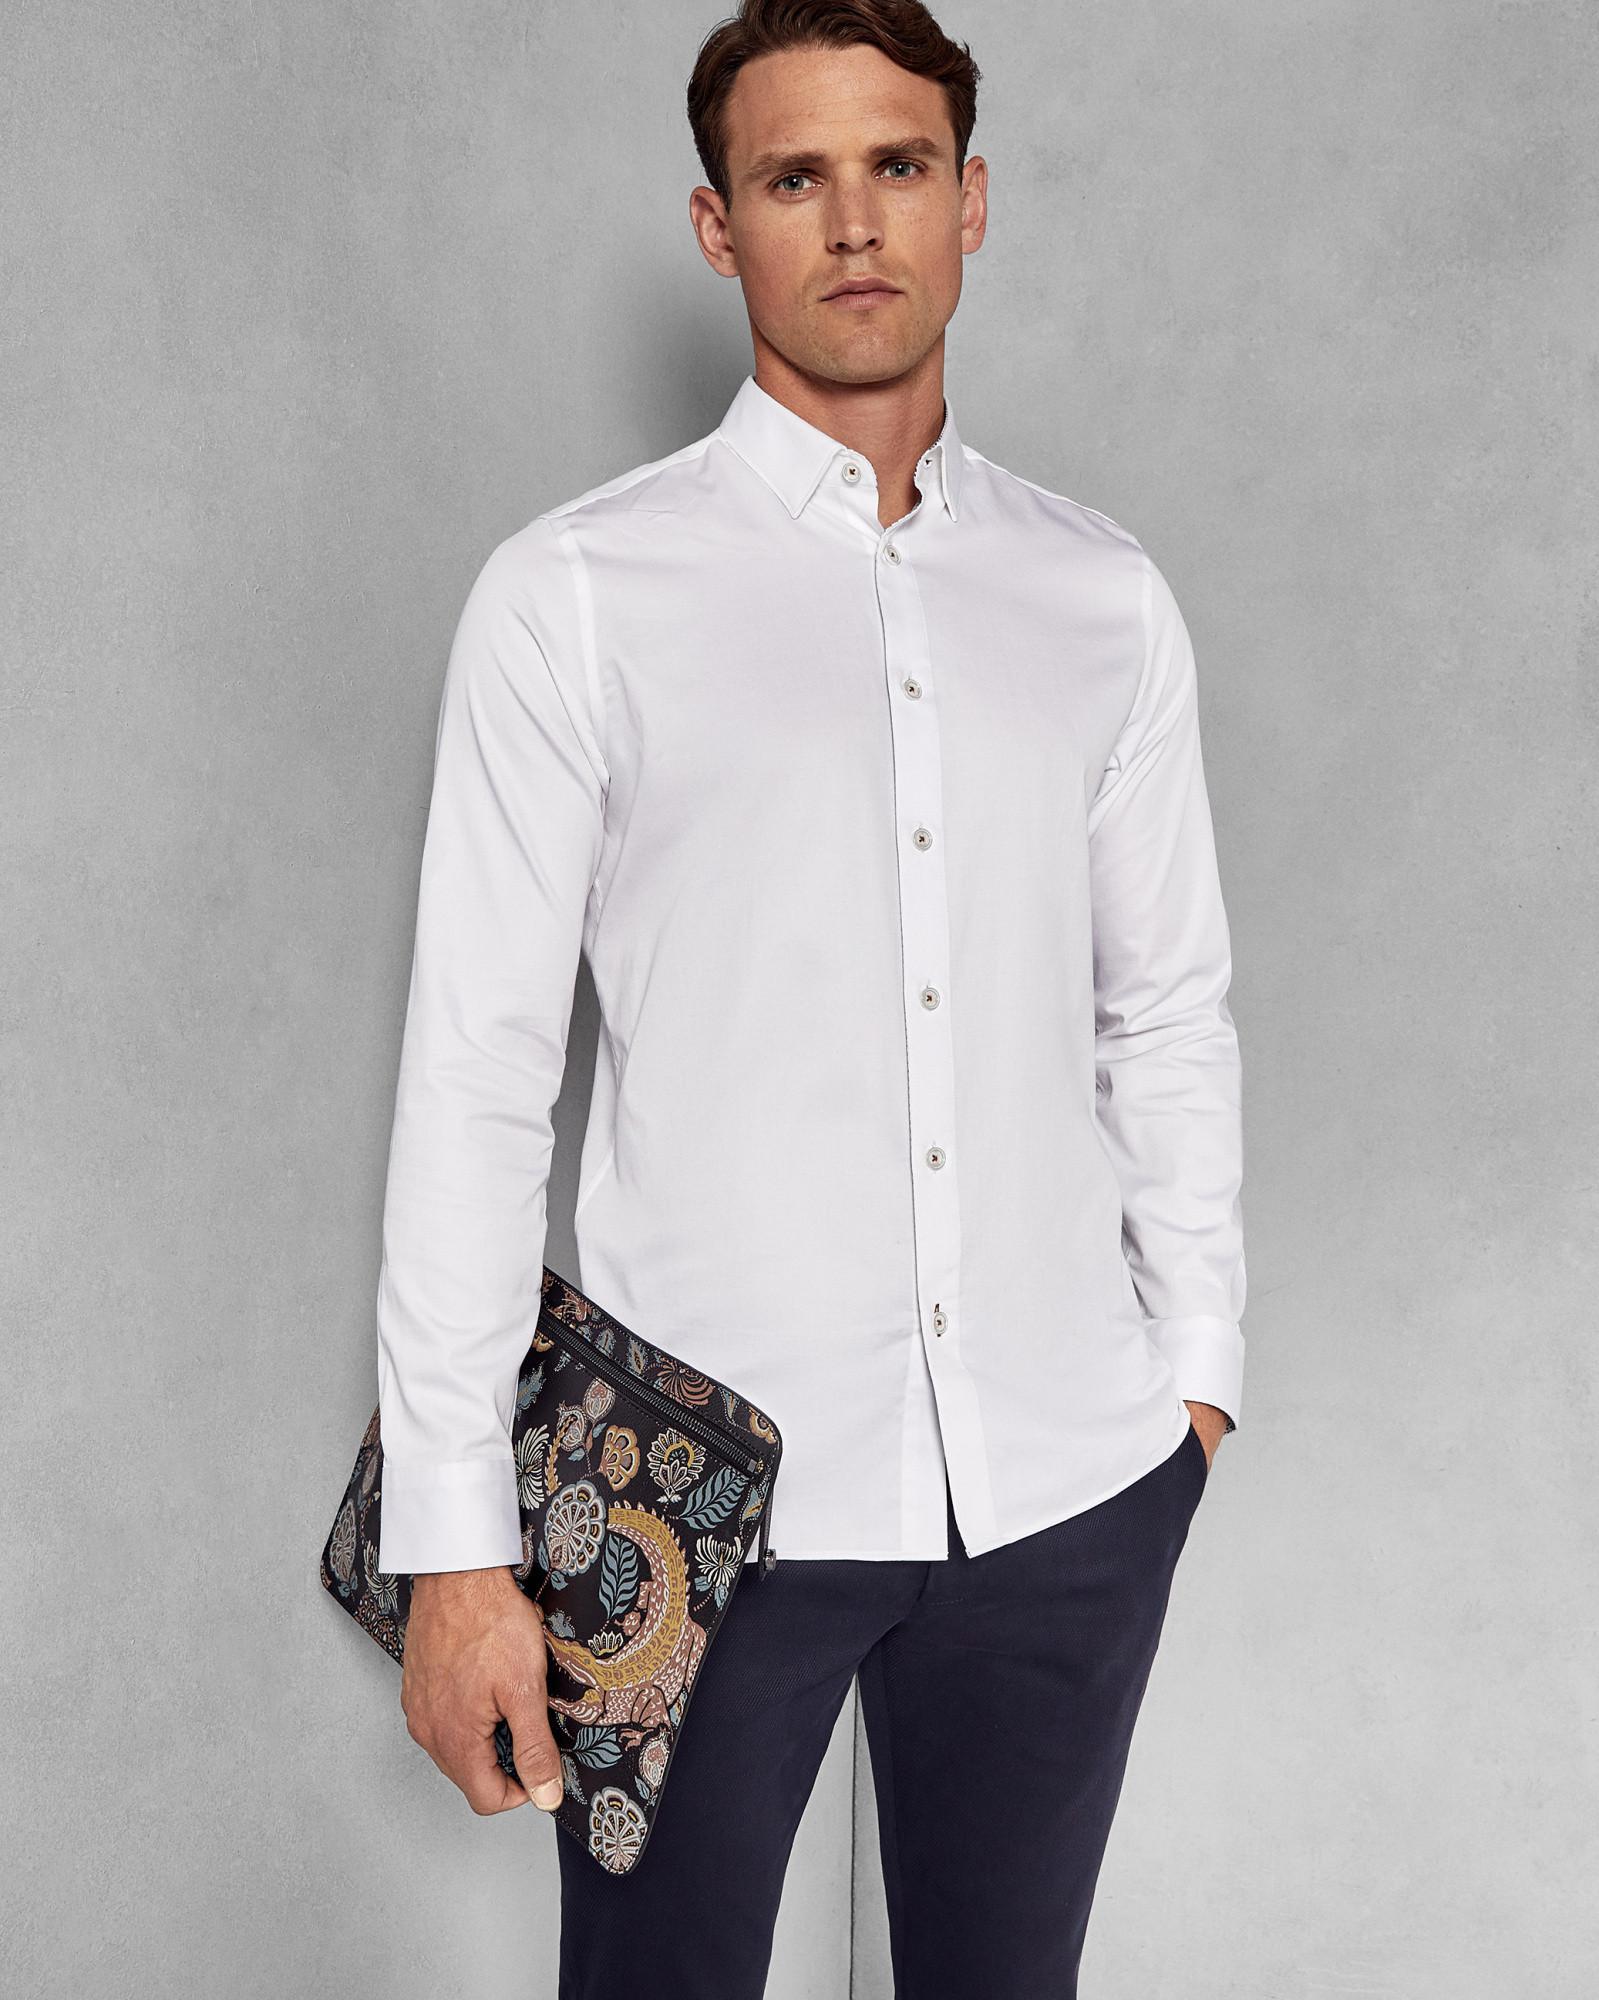 2f78b67e022e45 Ted Baker Satin Stretch Shirt in White for Men - Lyst